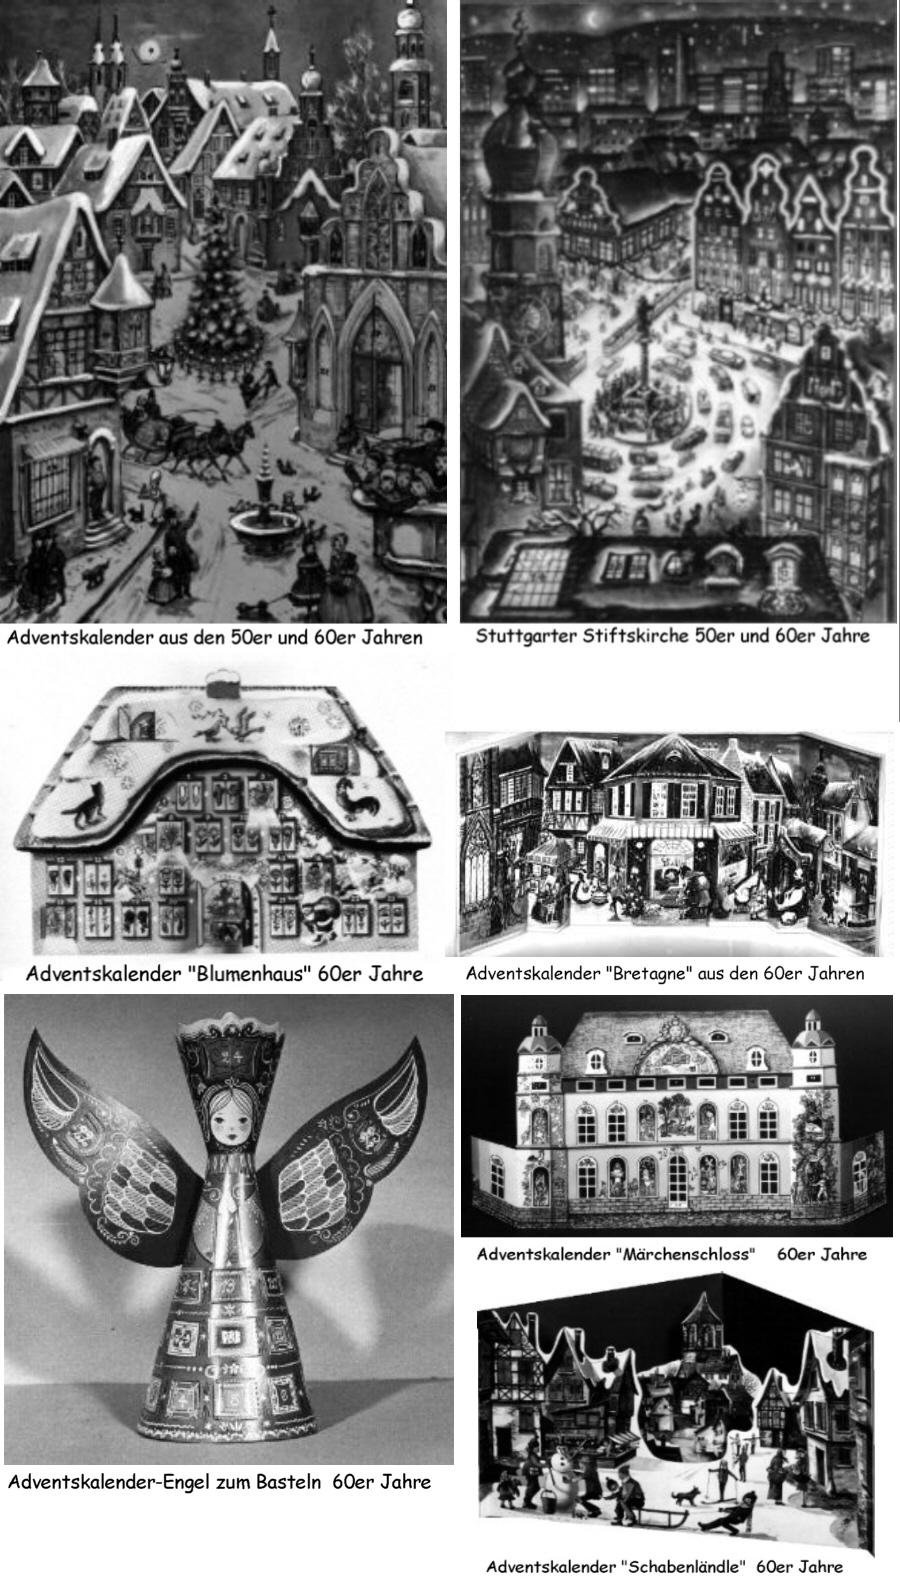 adventskalender aus den 60er jahren des letzten jahrhunderts medienwerkstatt wissen 2006. Black Bedroom Furniture Sets. Home Design Ideas